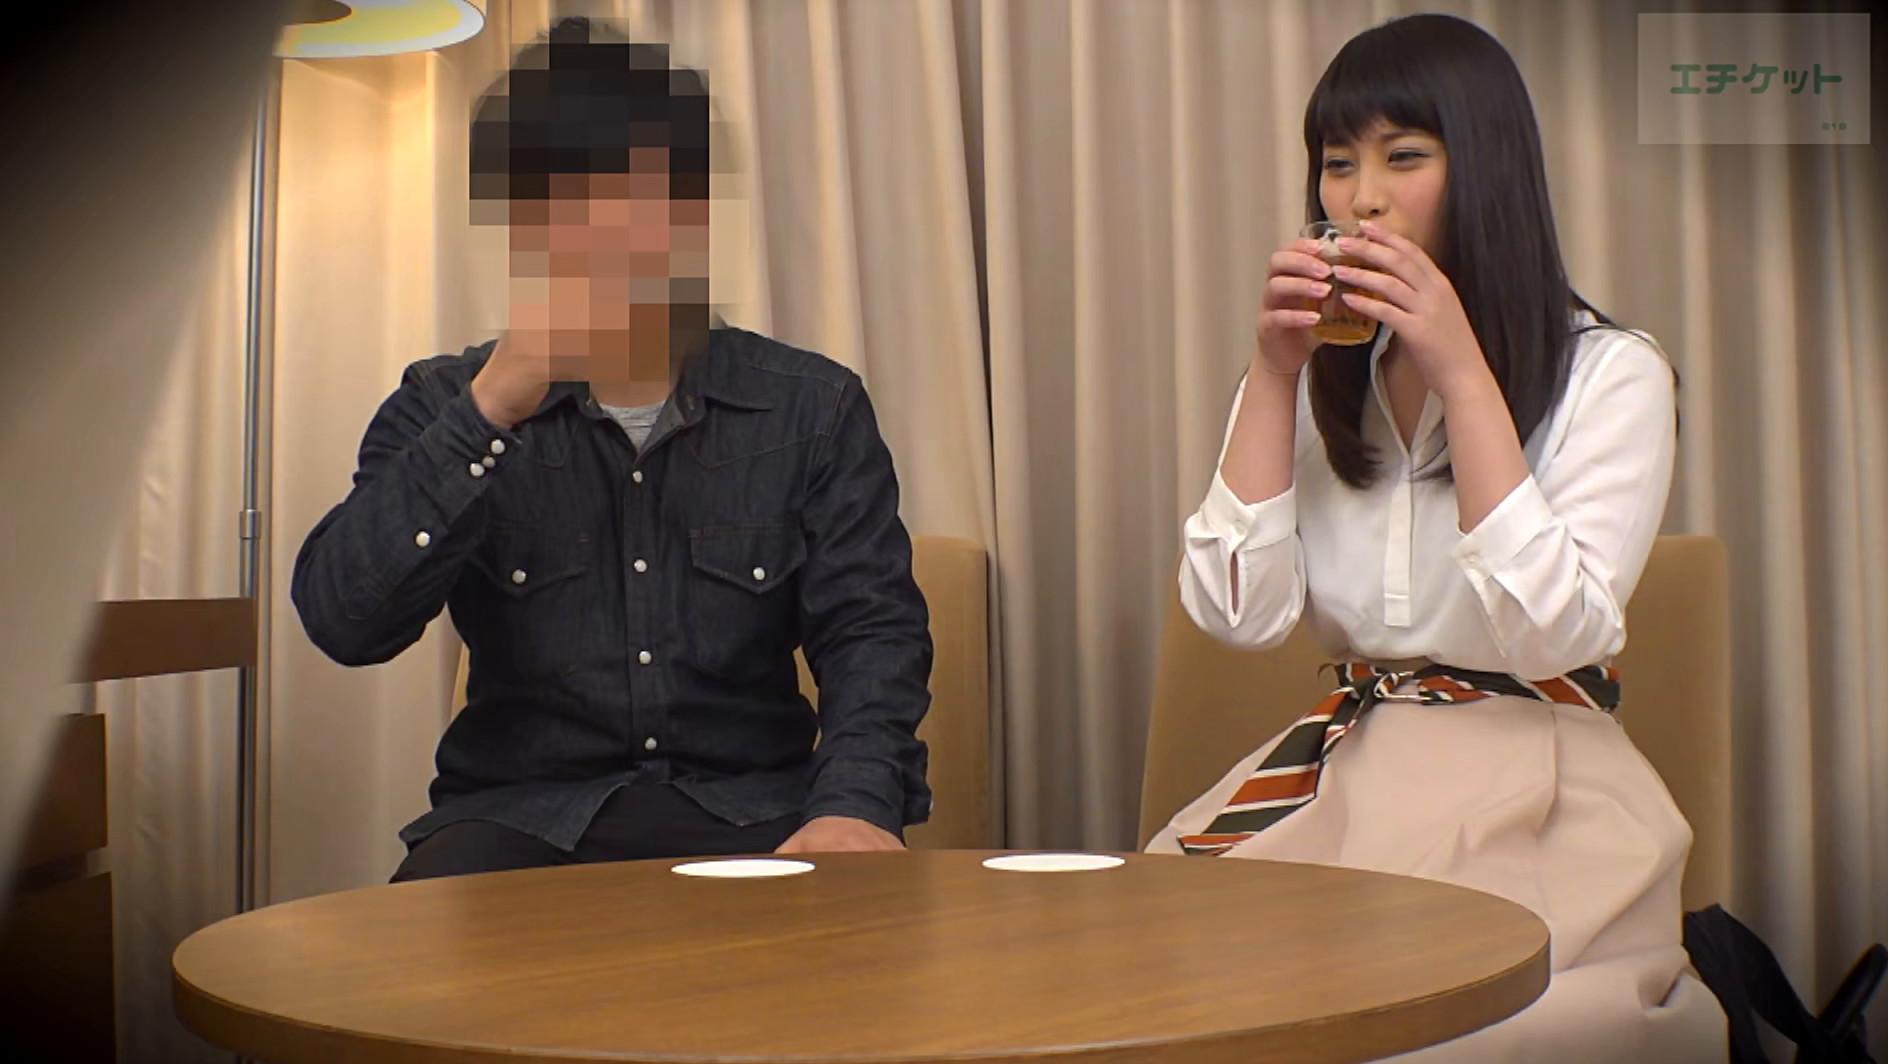 天使のように童貞君をリードしてくれる広瀬千佳さん23歳